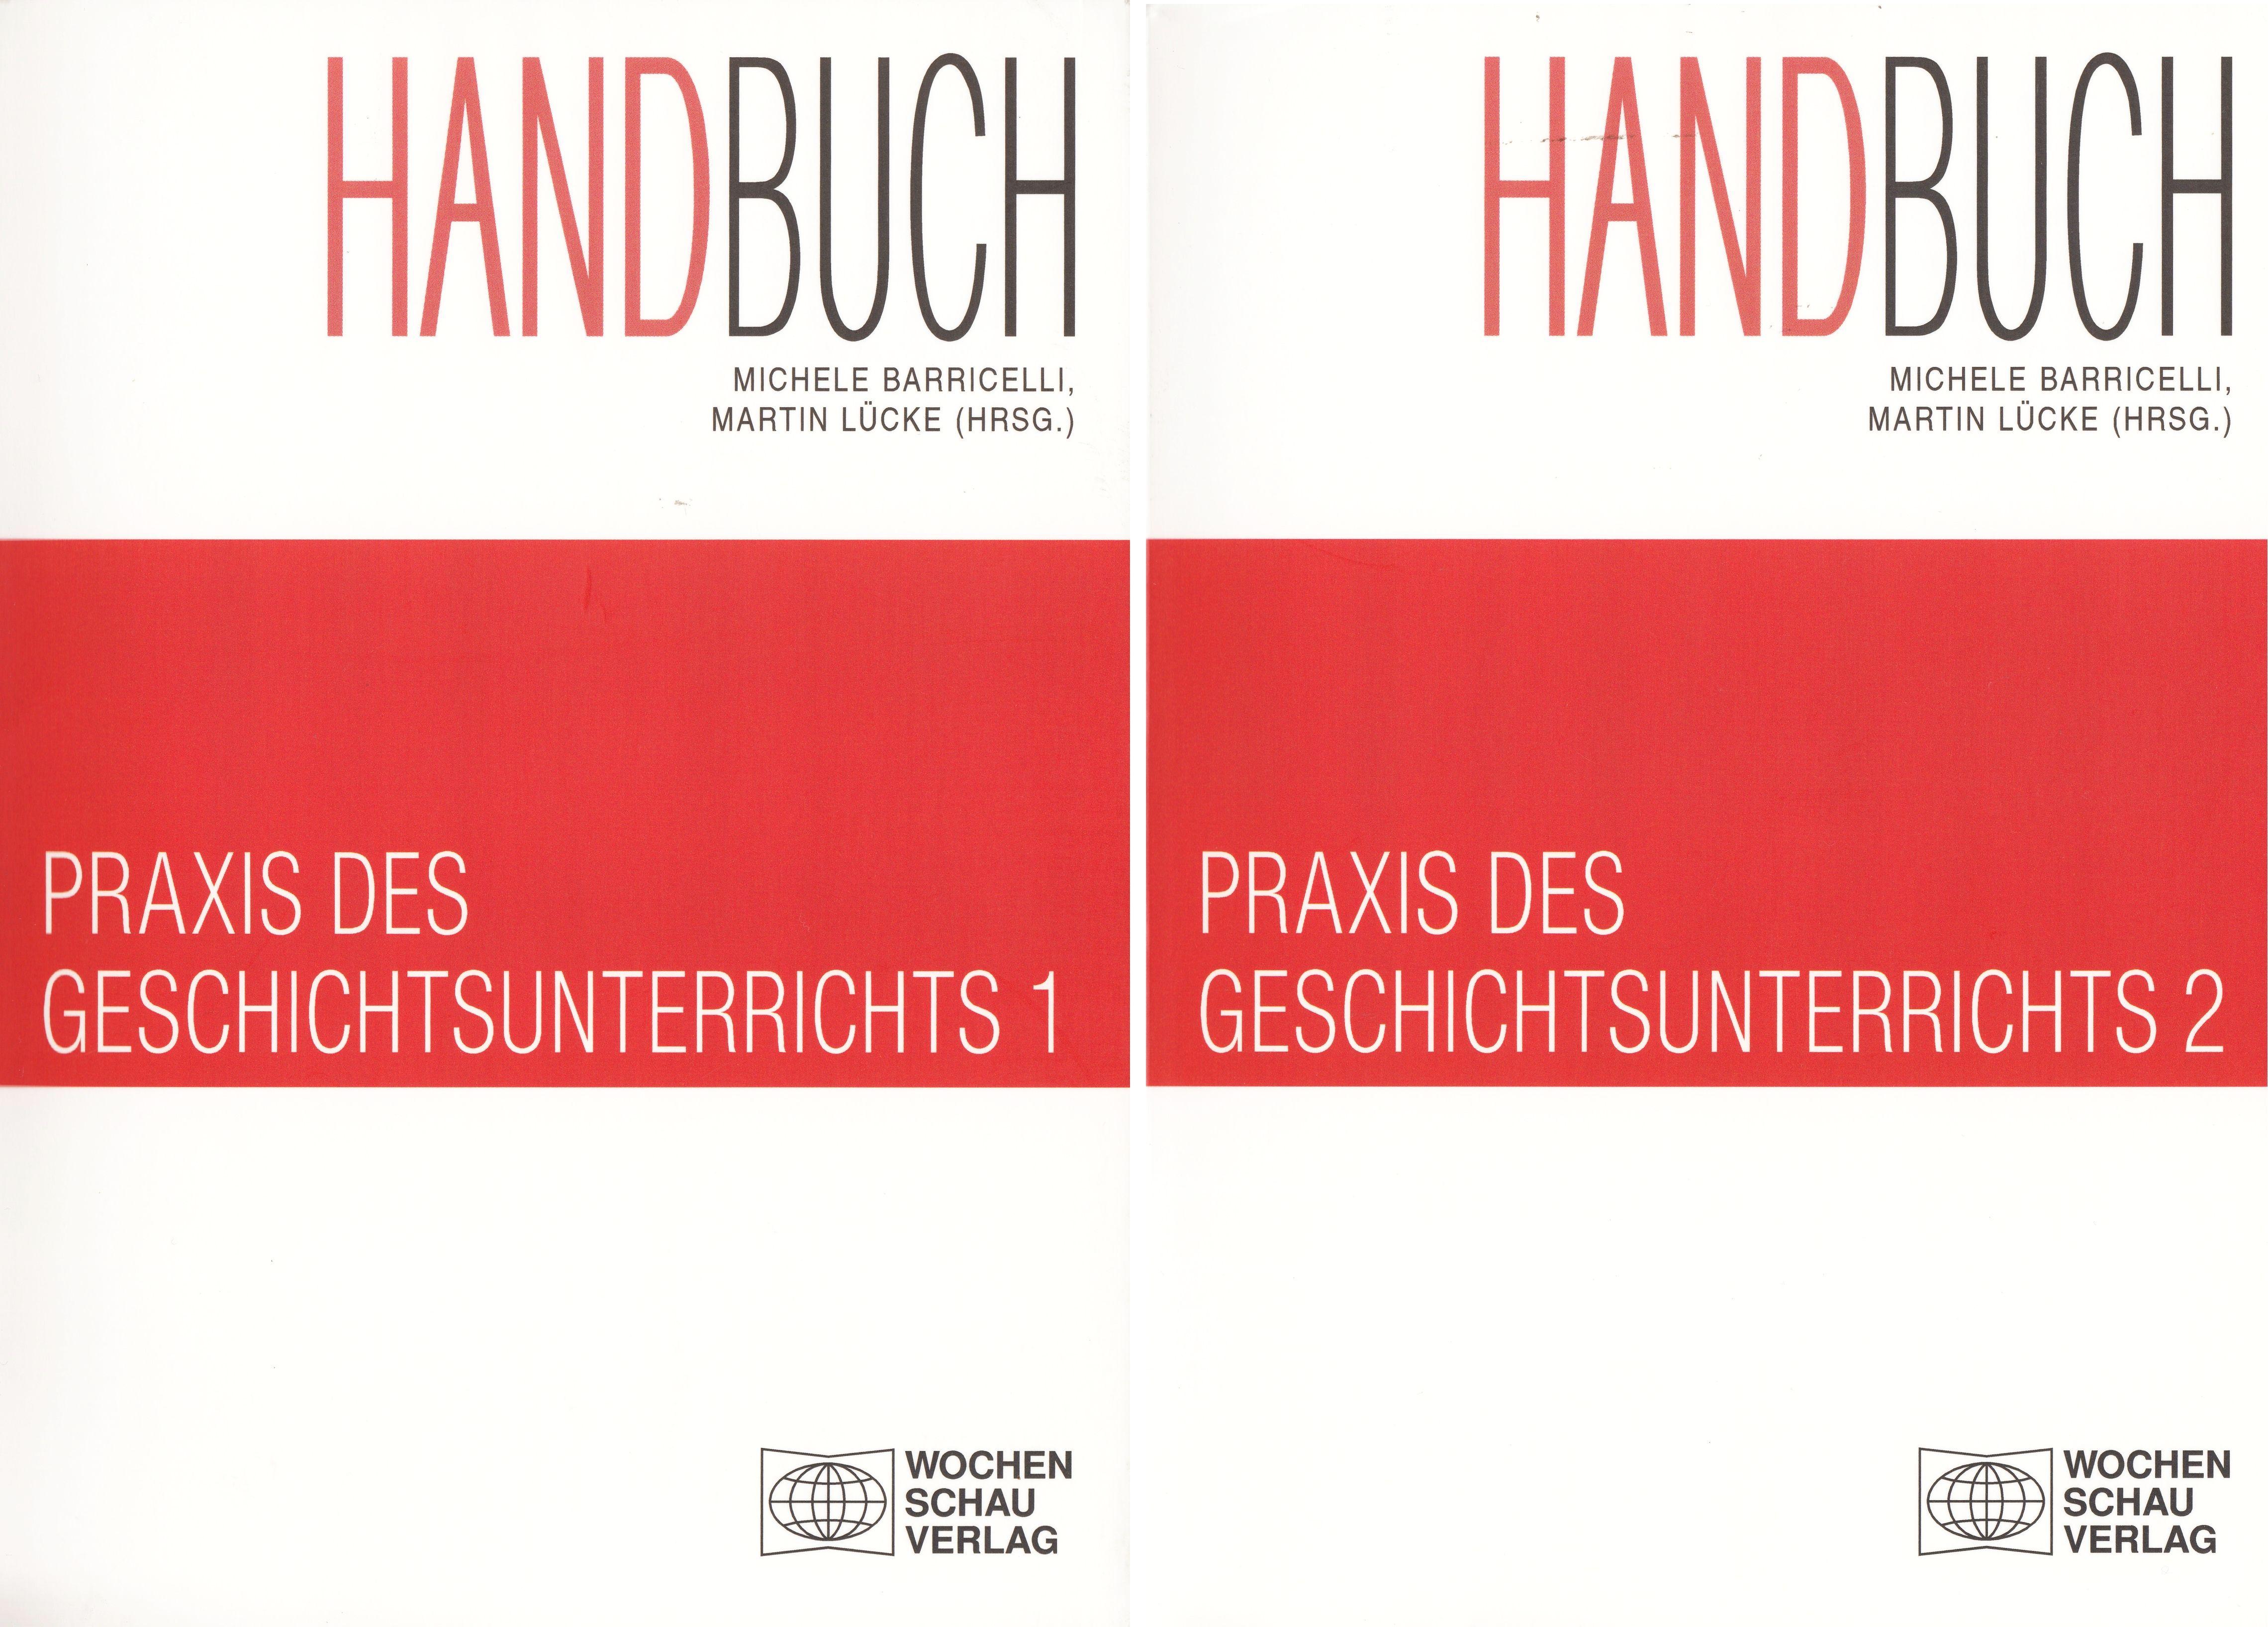 Handbuch Praxis des Geschichtsunterrichts 2 Bde...